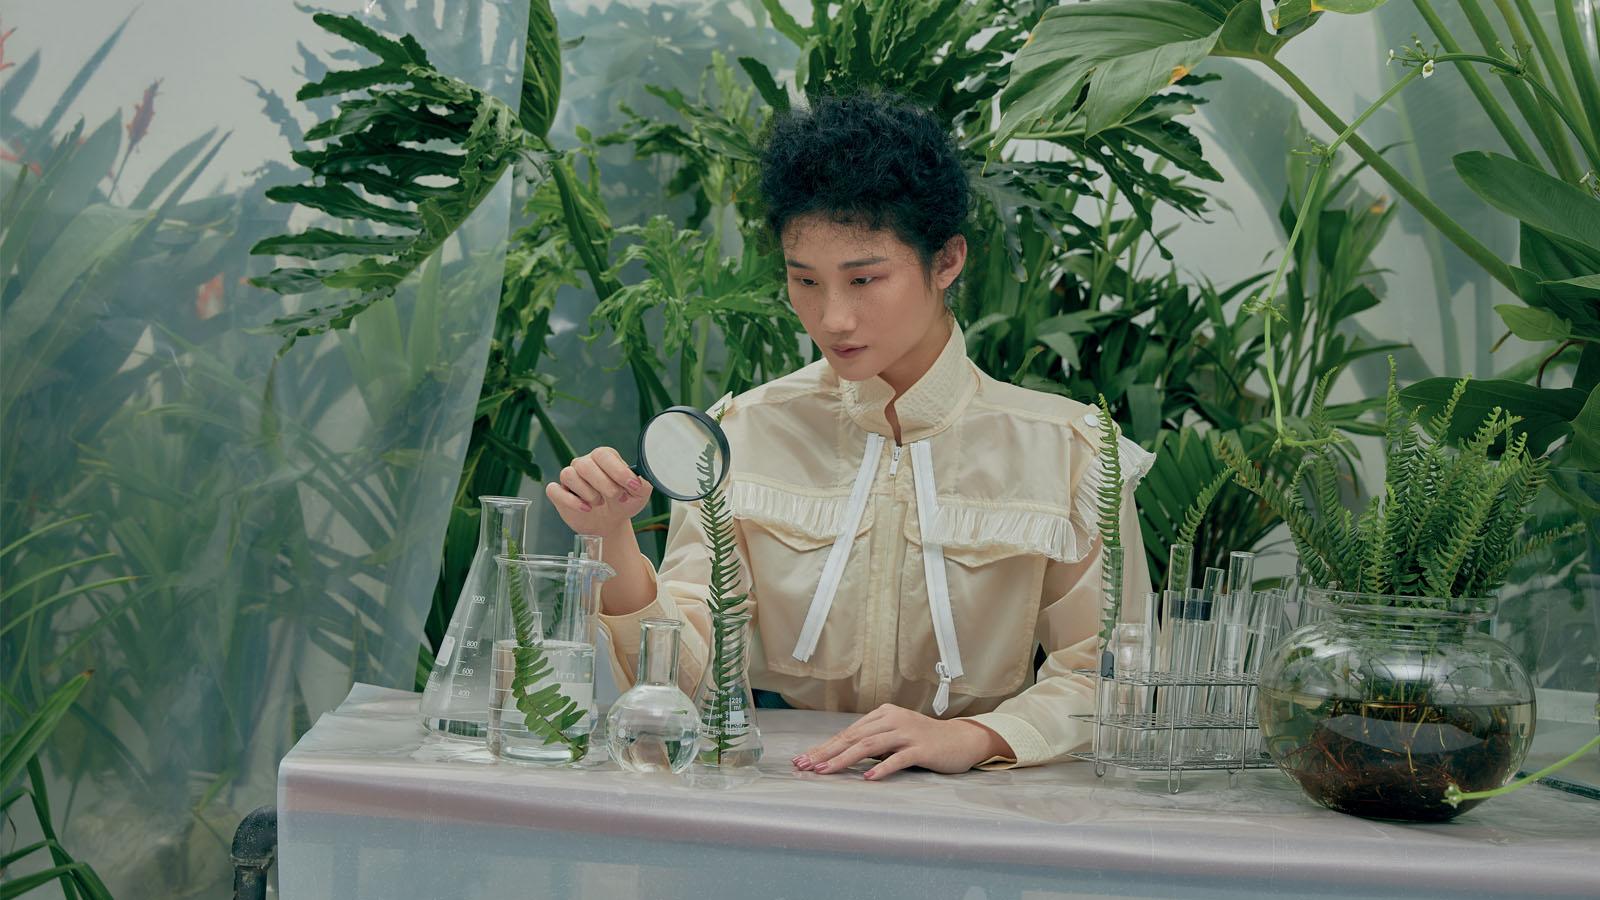 cô gái cầm kính lúp soi cây bền vững